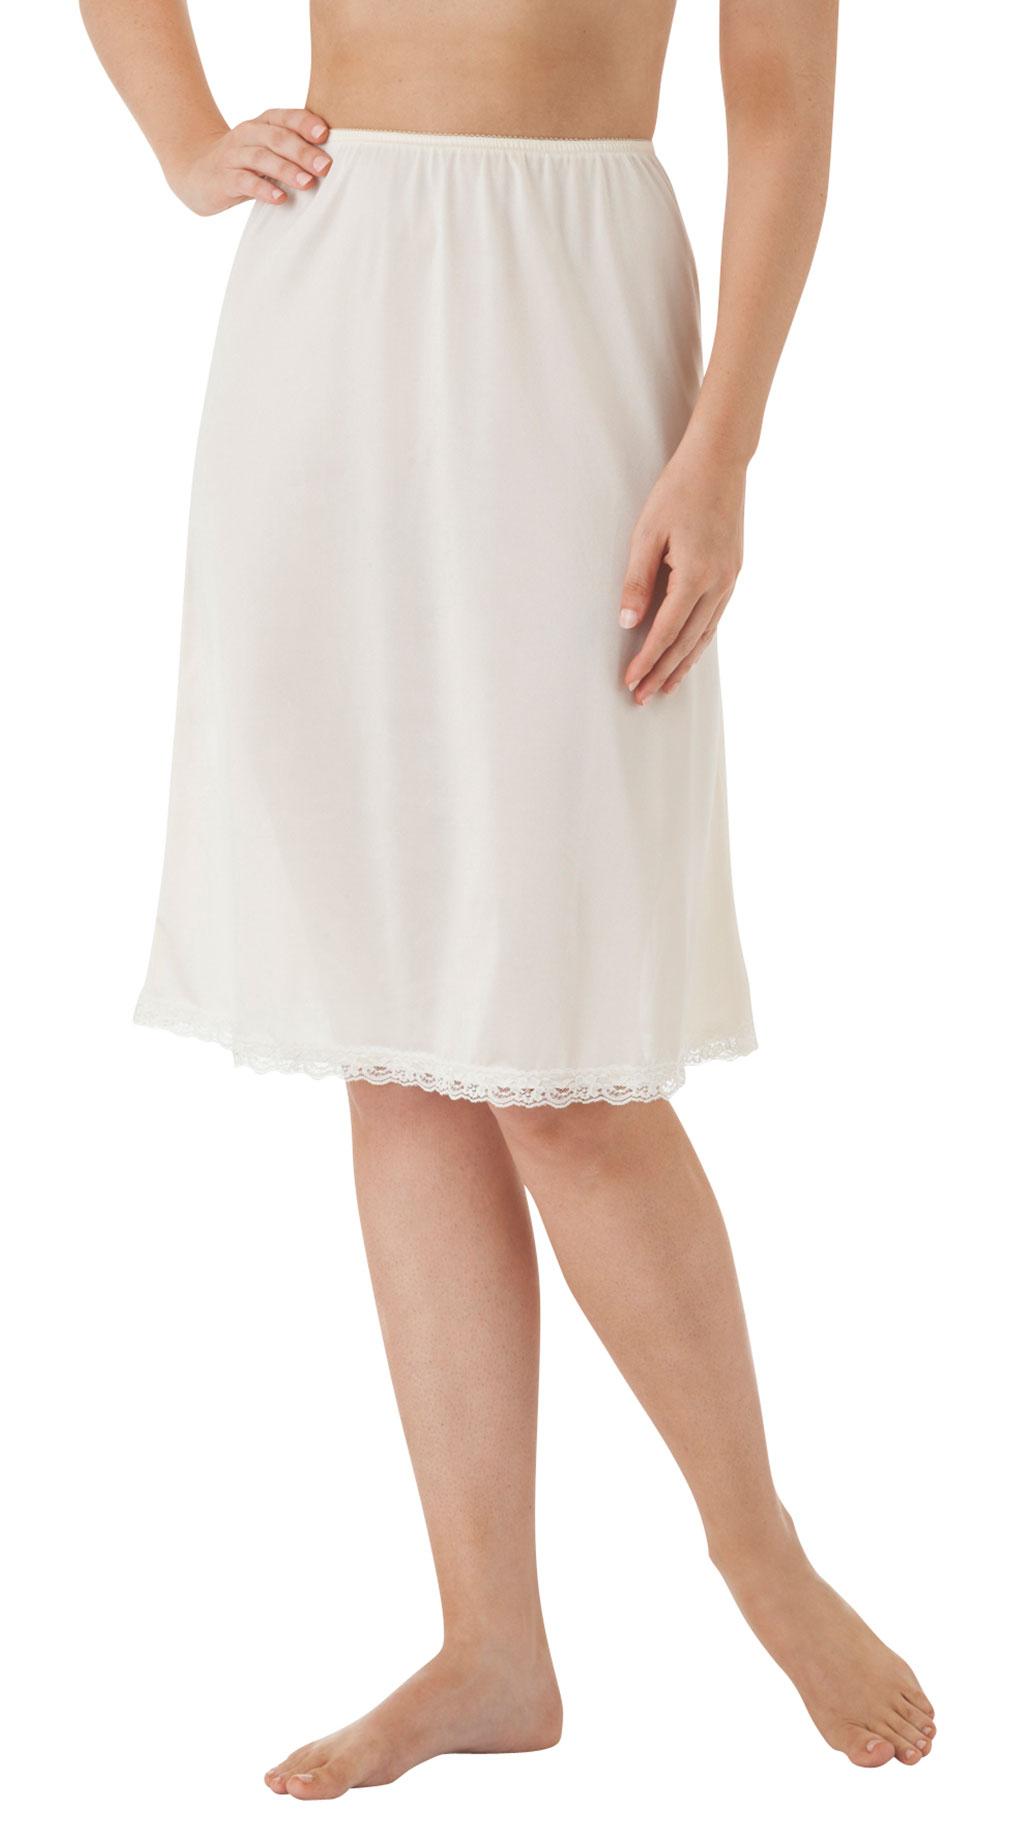 Velrose® Nylon Skirt Slip